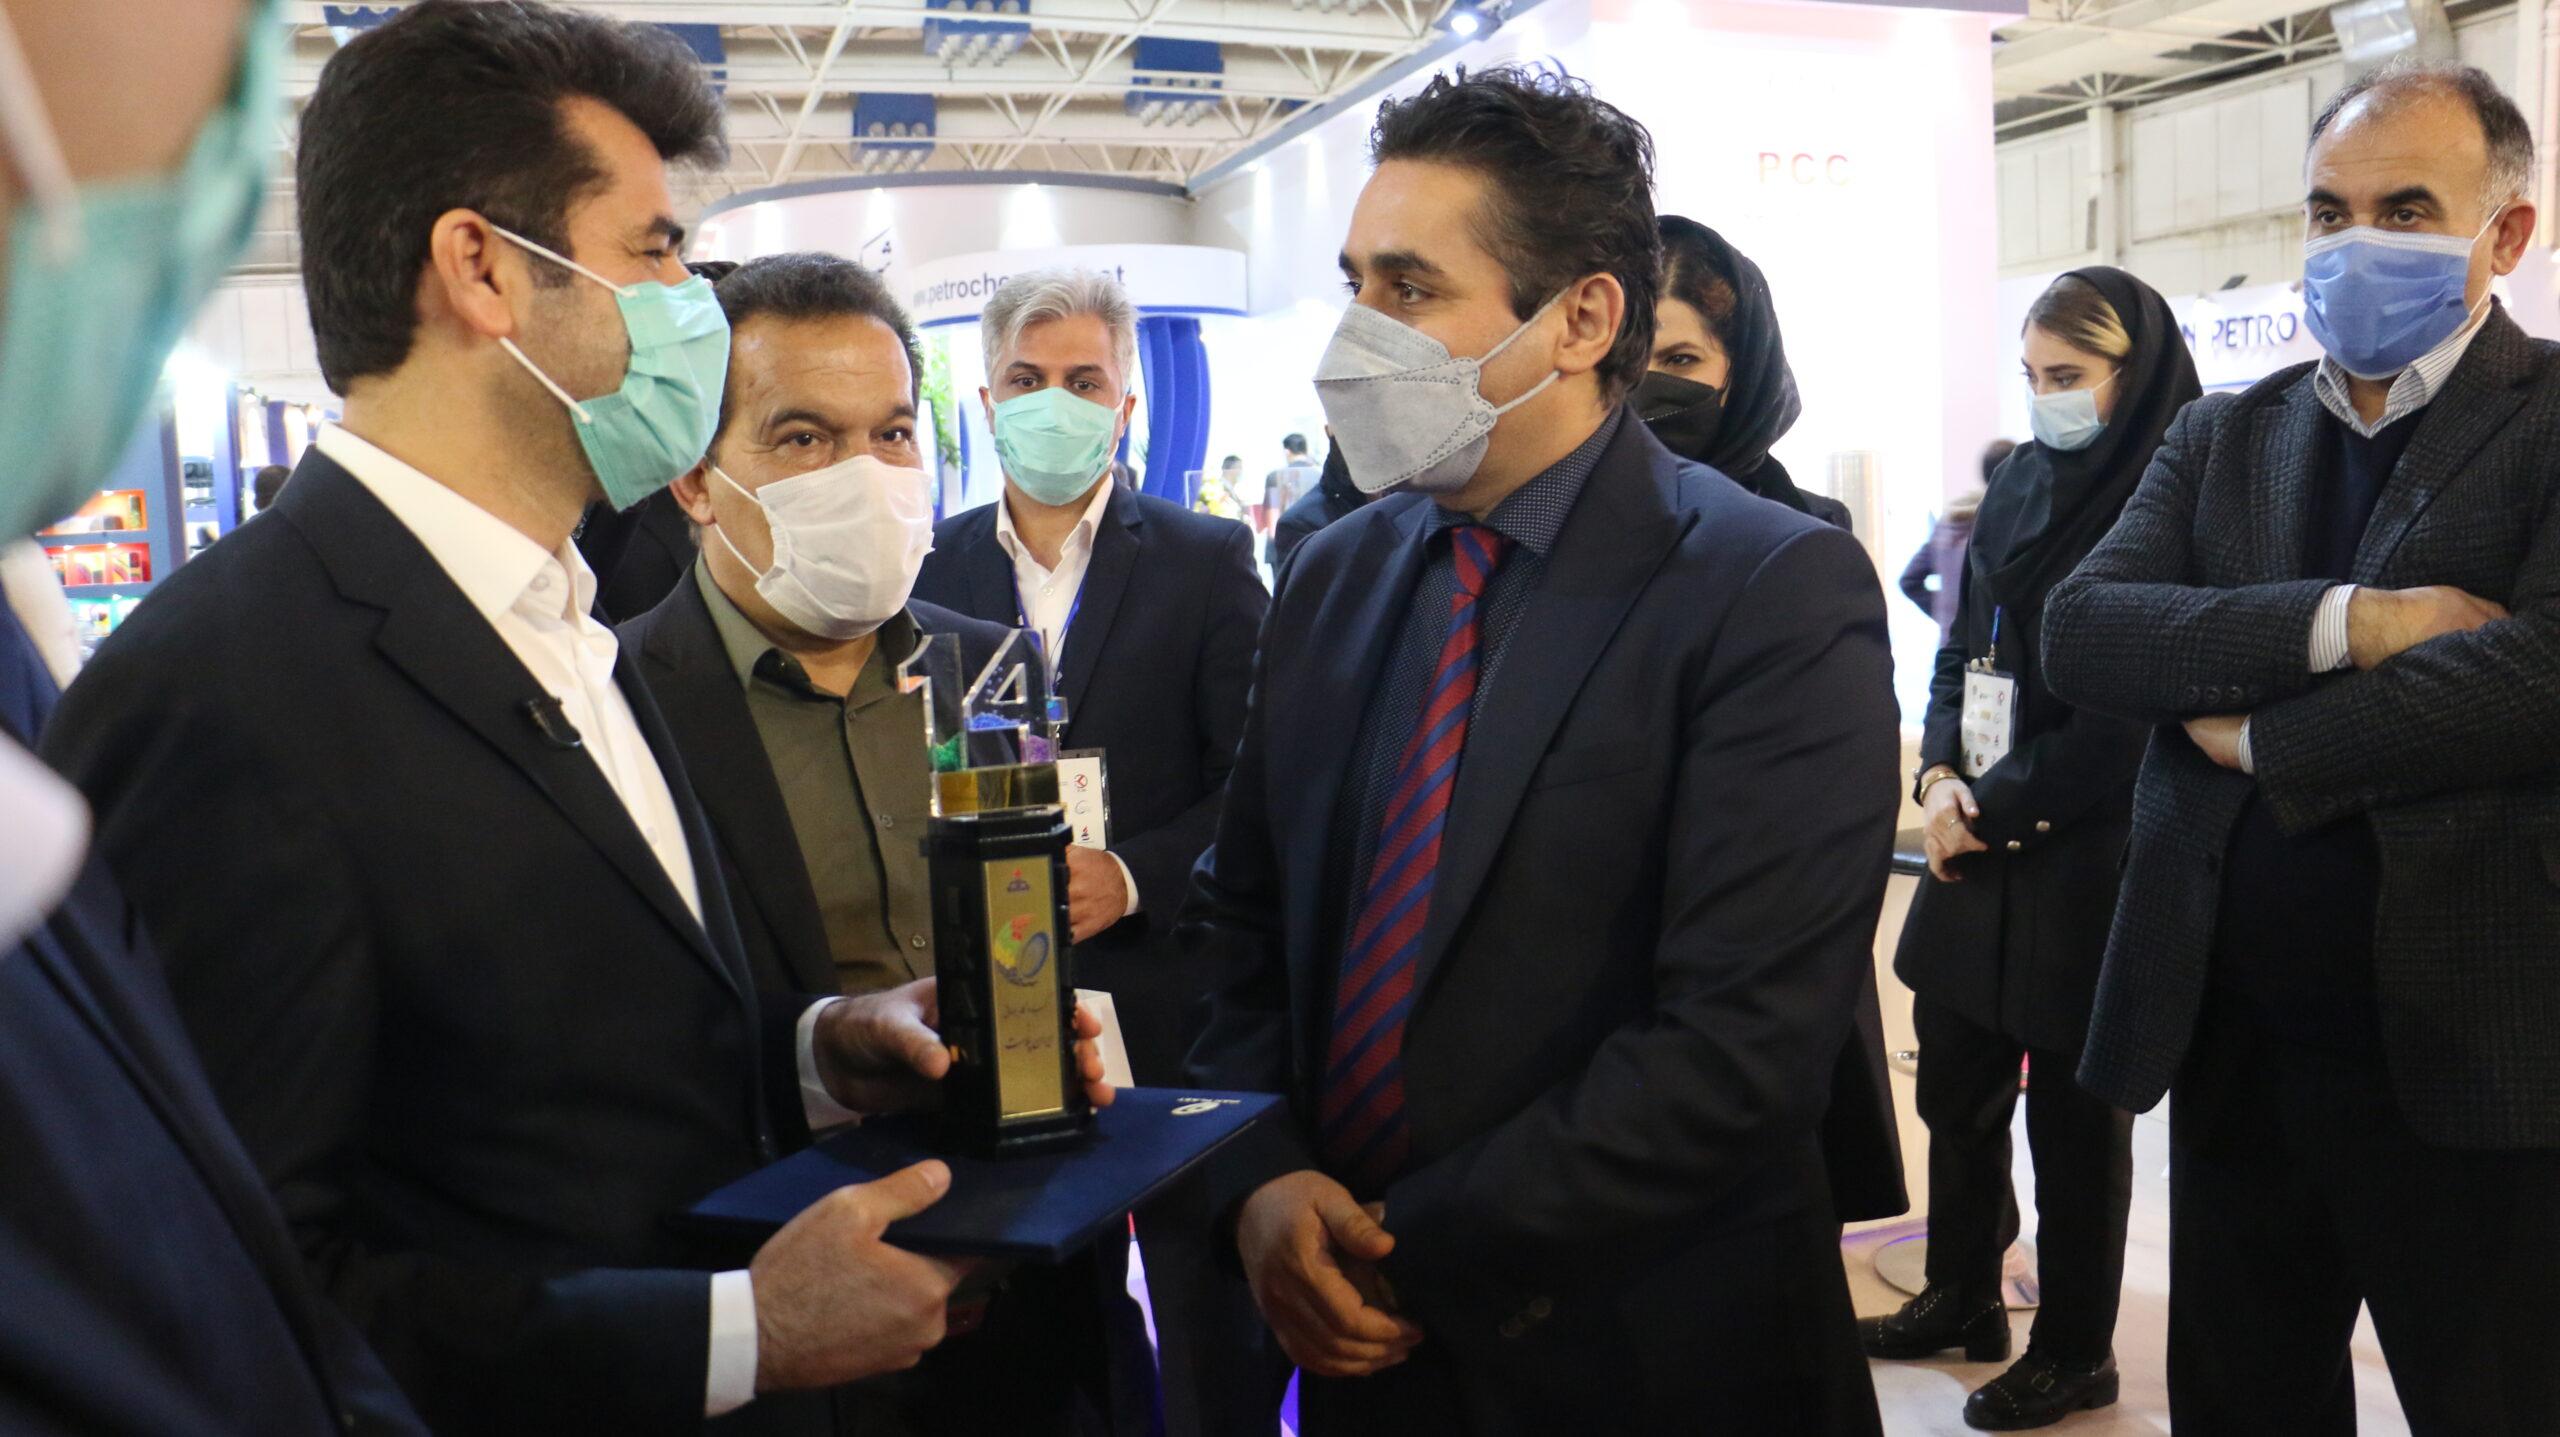 حامی چهاردهمین نمایشگاه ایران پلاست و دریافت تقدیرنامه از مجریان این نمایشگاه